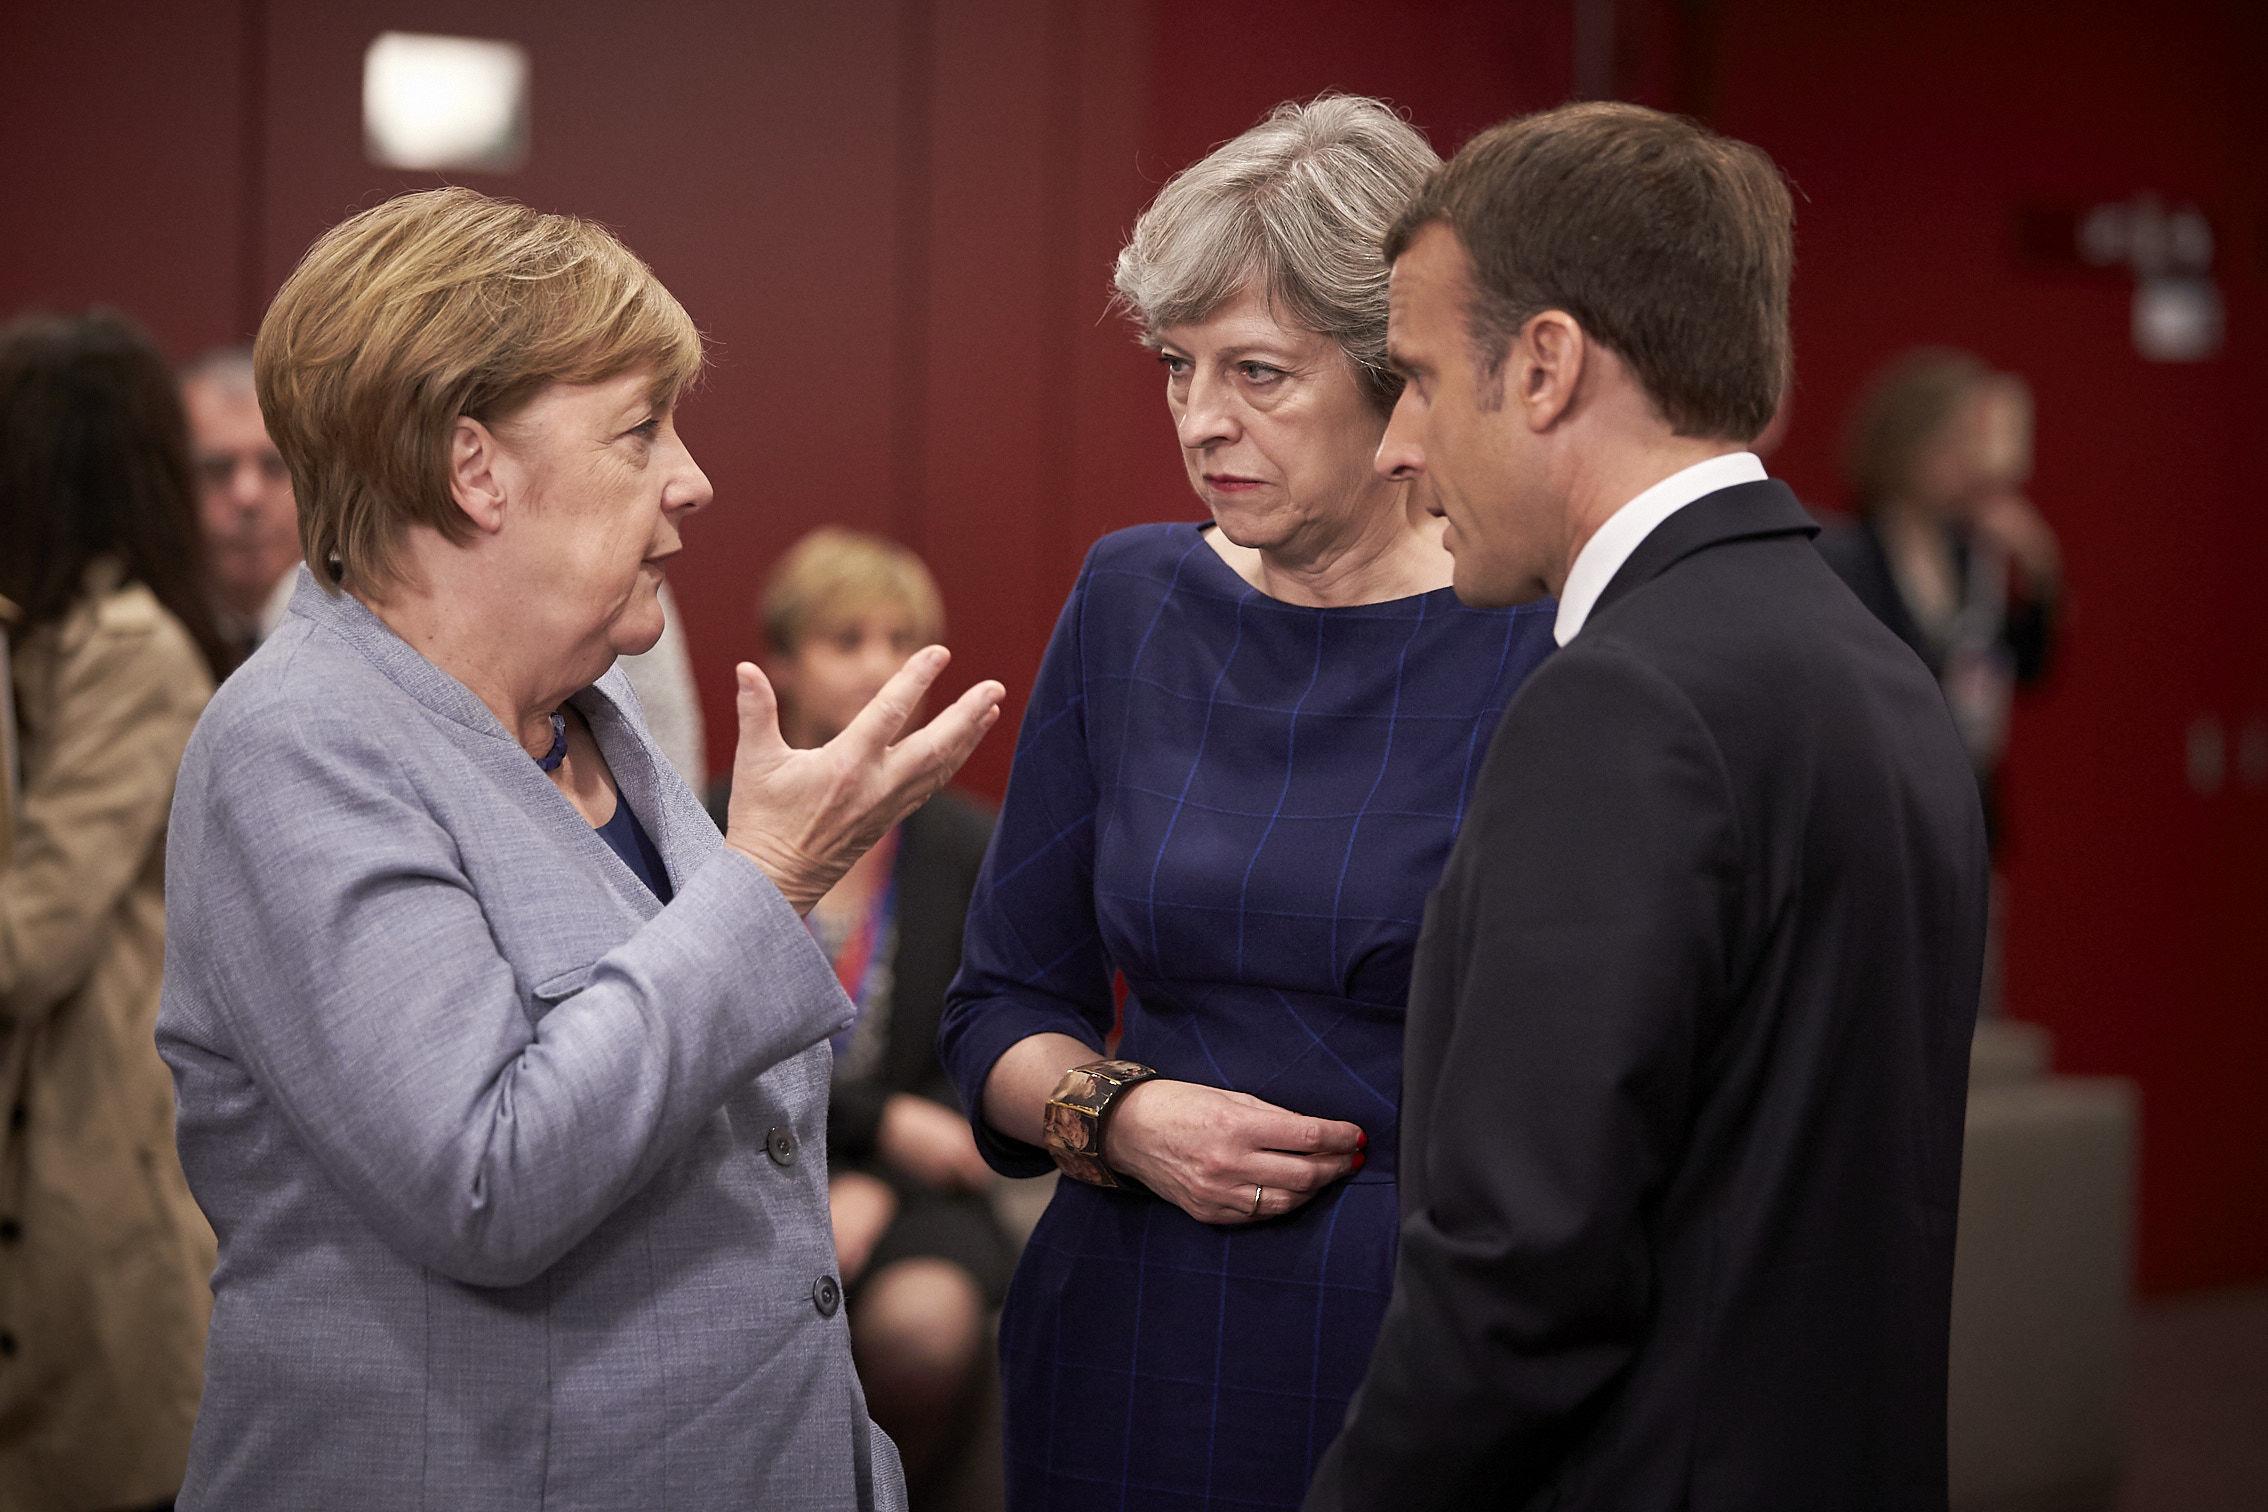 Kanclerz Niemiec Angela Merkel, premier Wielkiej Brytanii Theresa May oraz prezydent Francji Emmanuel Macron na szczycie UE w Brukseli 20 października 2017 r., źródło European Council Audiovisual Services